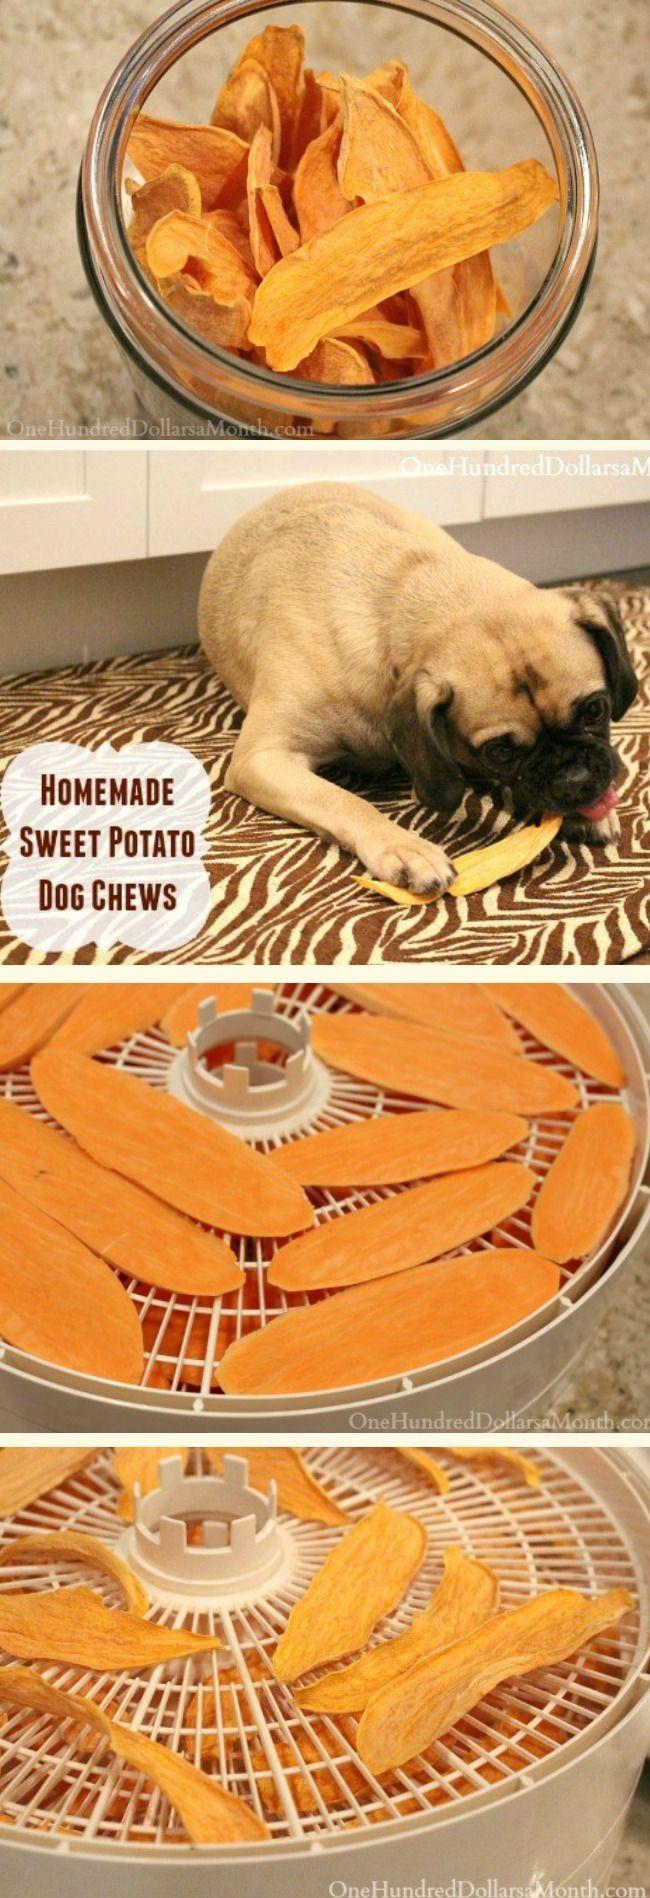 Homemade Dog Treats, Sweet Potato Chews, Healthy Dog Treat Recipes, Dog Treats